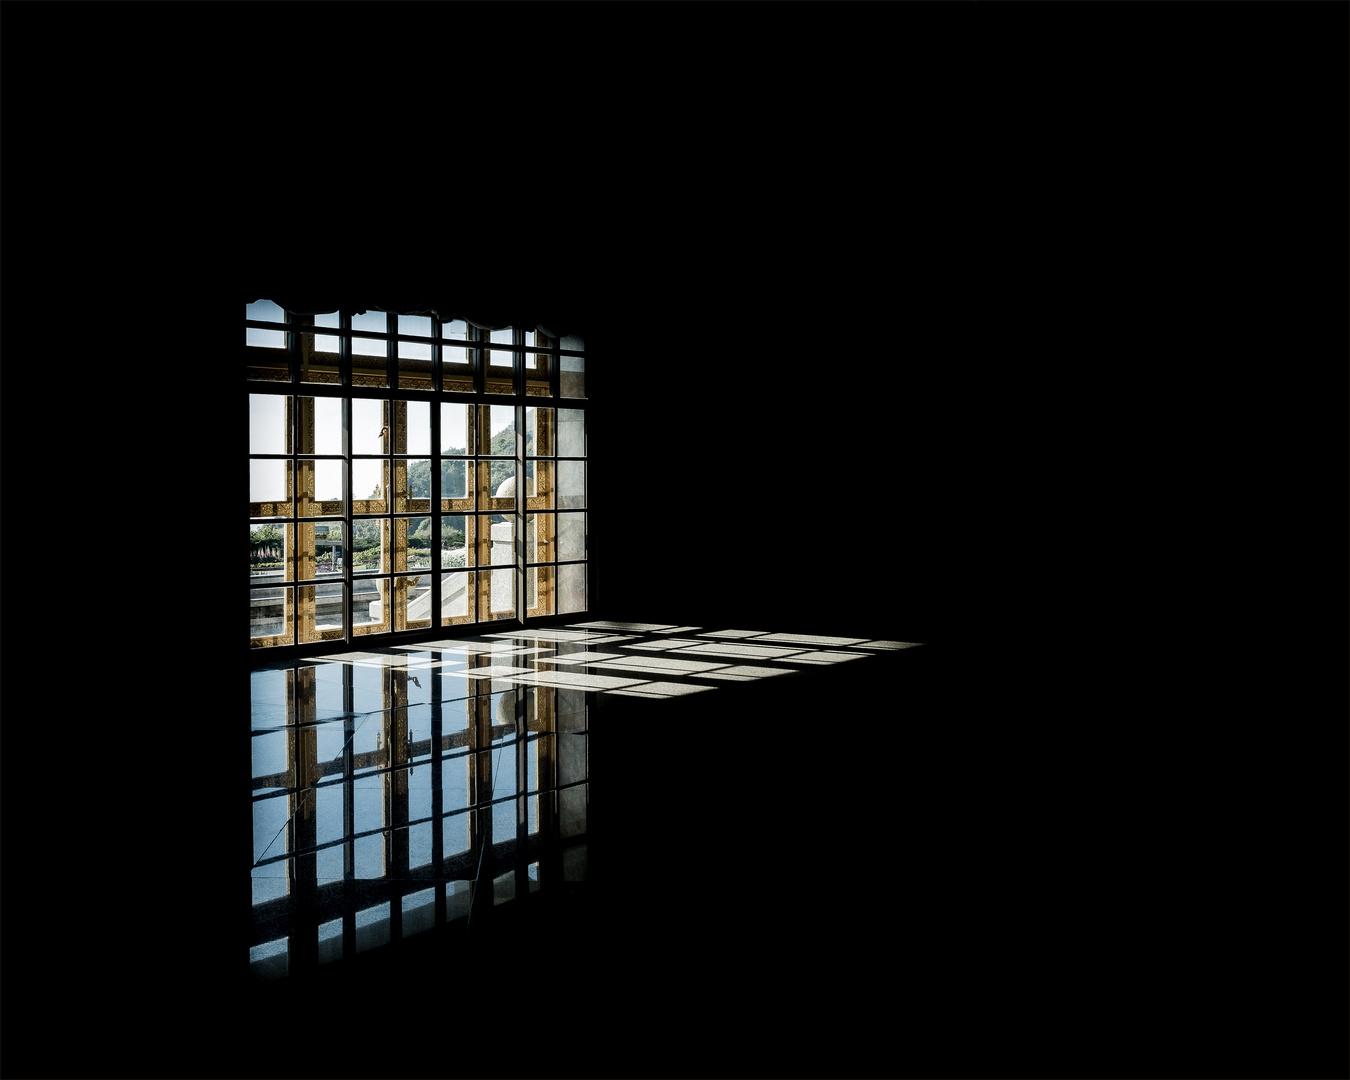 So wie Spiegelungen auf jeder ruhigen Fläche erscheinen,